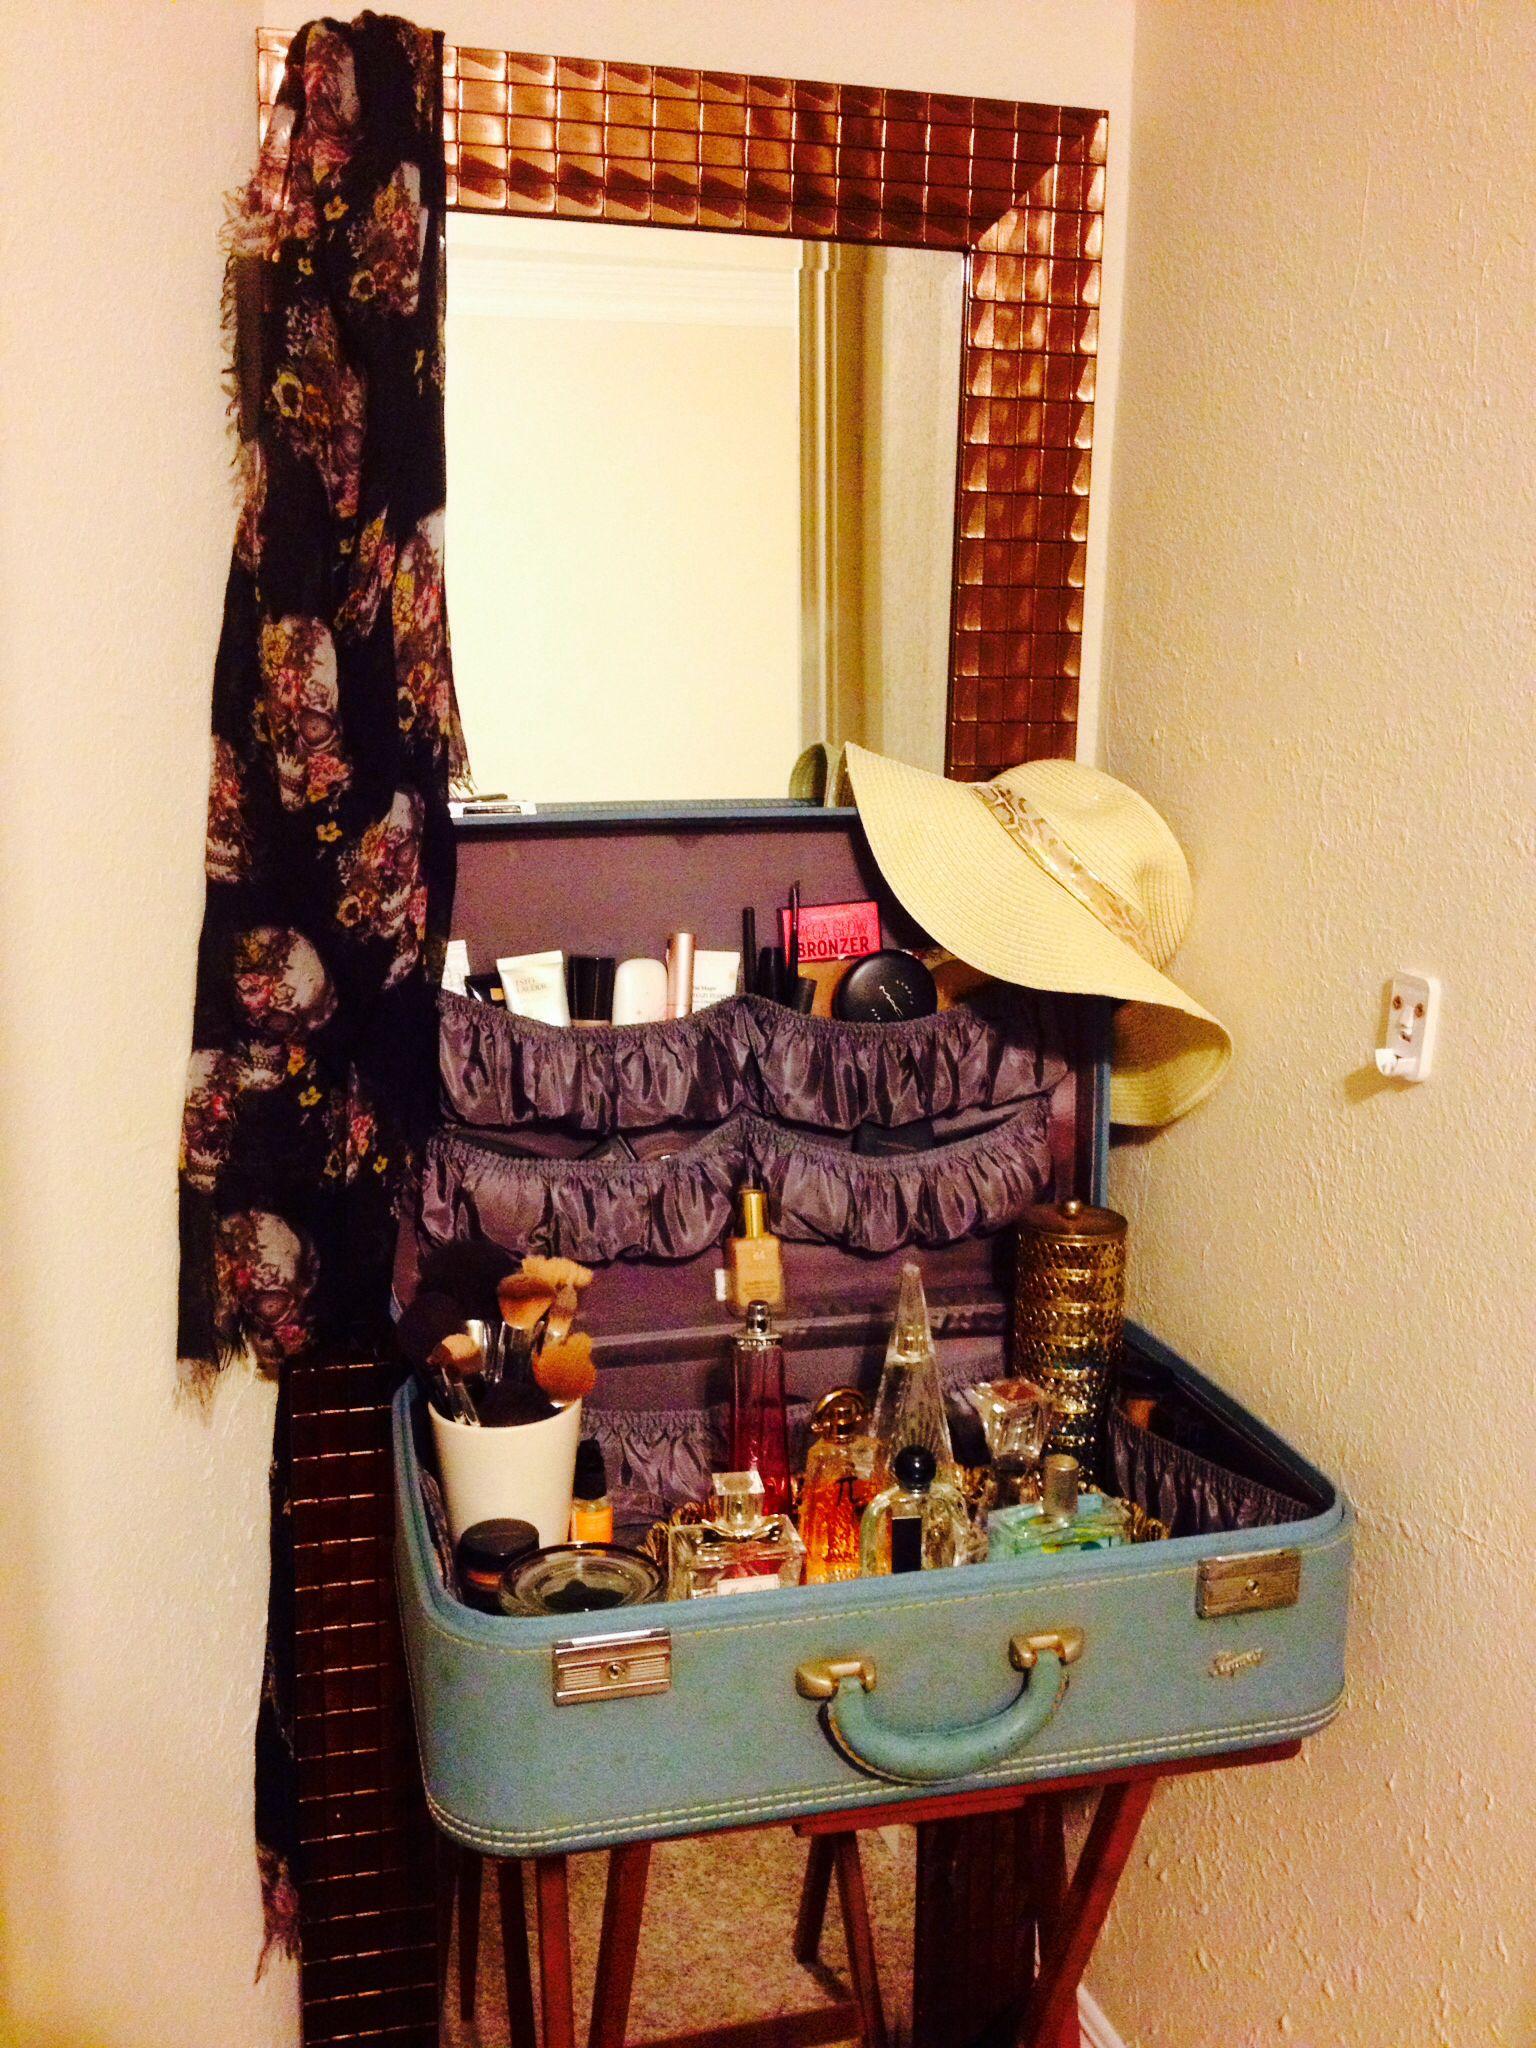 Repurposed Vintage Suitcase As Vanity Inspired To Make My